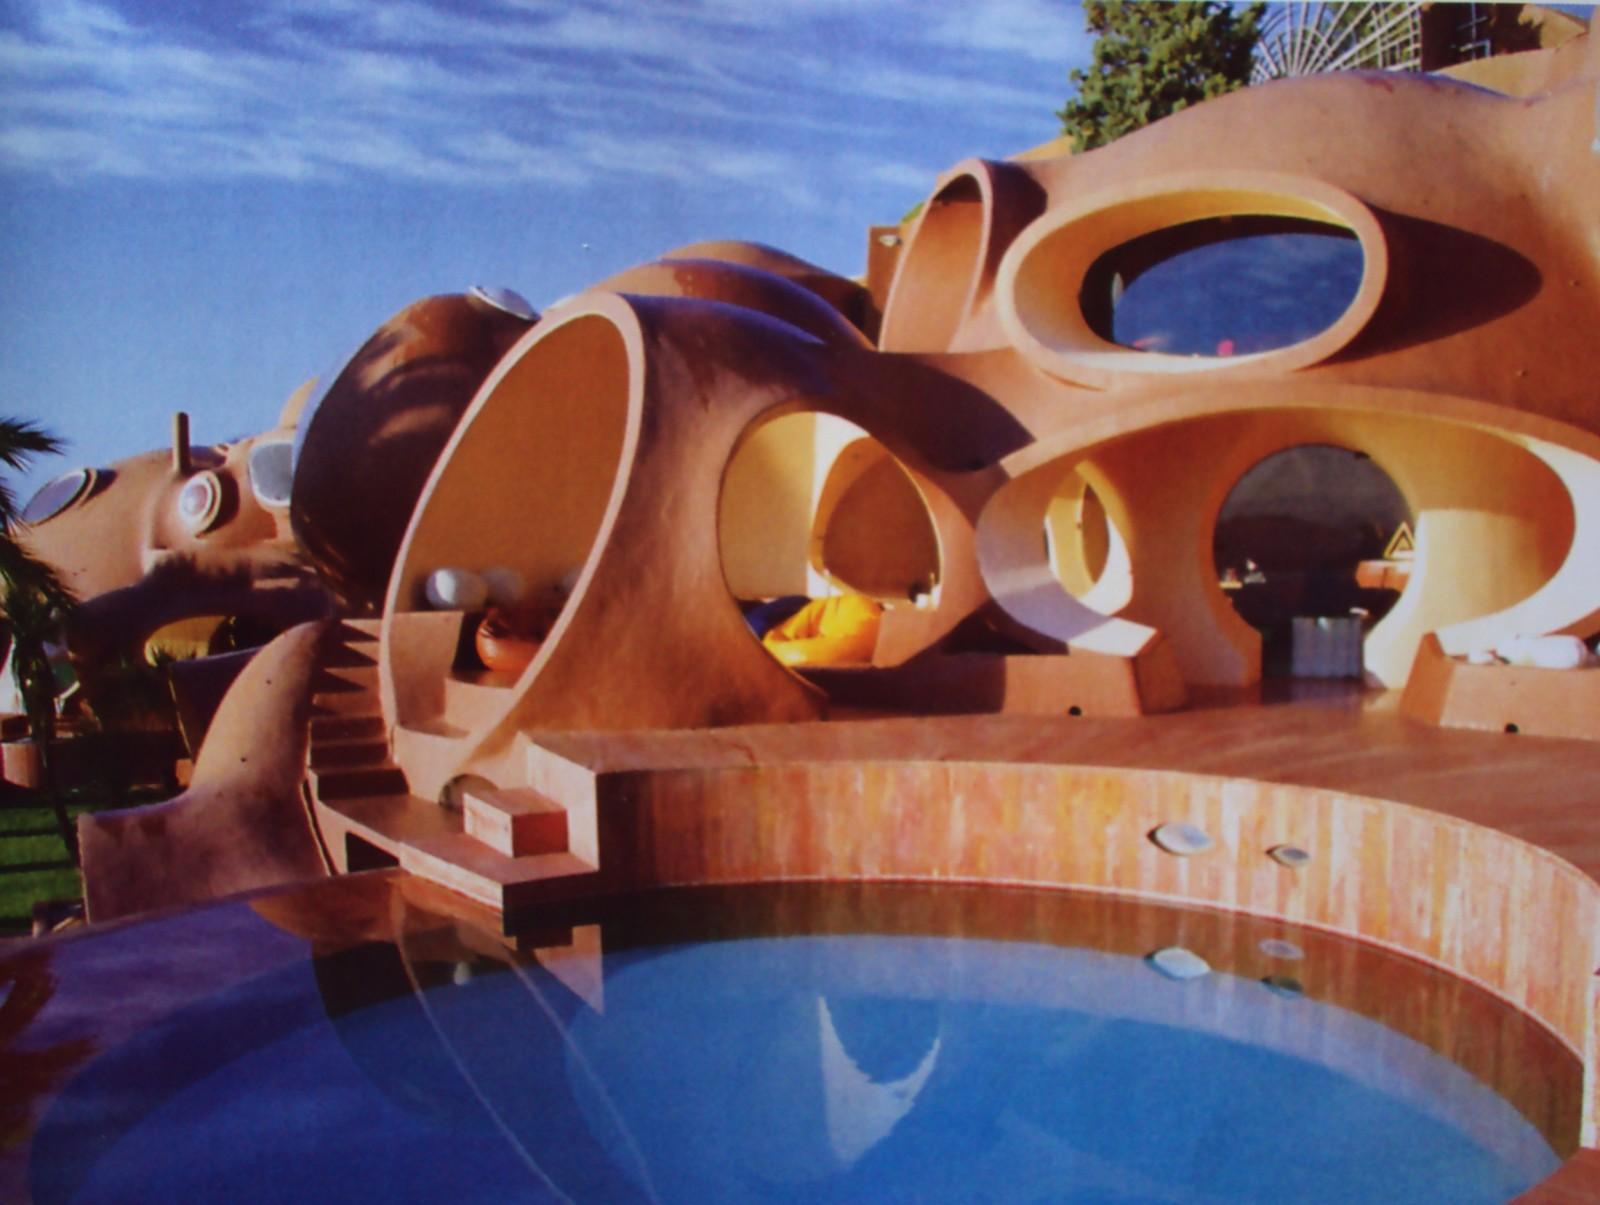 Круглые и овальные оконные проемы пузырчатого дома Пьера Кардена во Франции